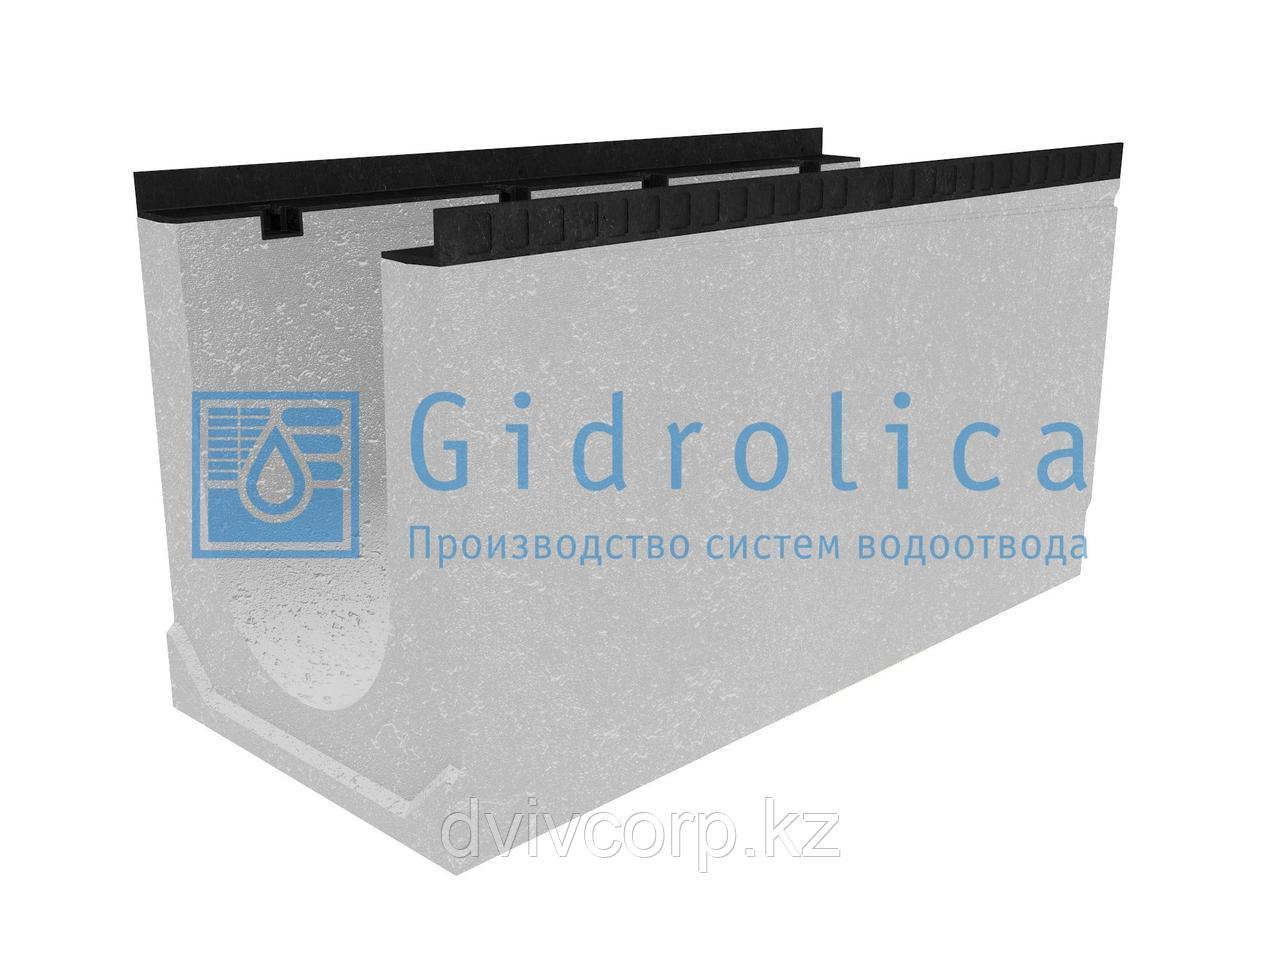 Лоток водоотводный бетонный коробчатый (СО-300мм), с уклоном 0,5%  КUу 100.44(30).54,5(47,5) - BGМ, № 19